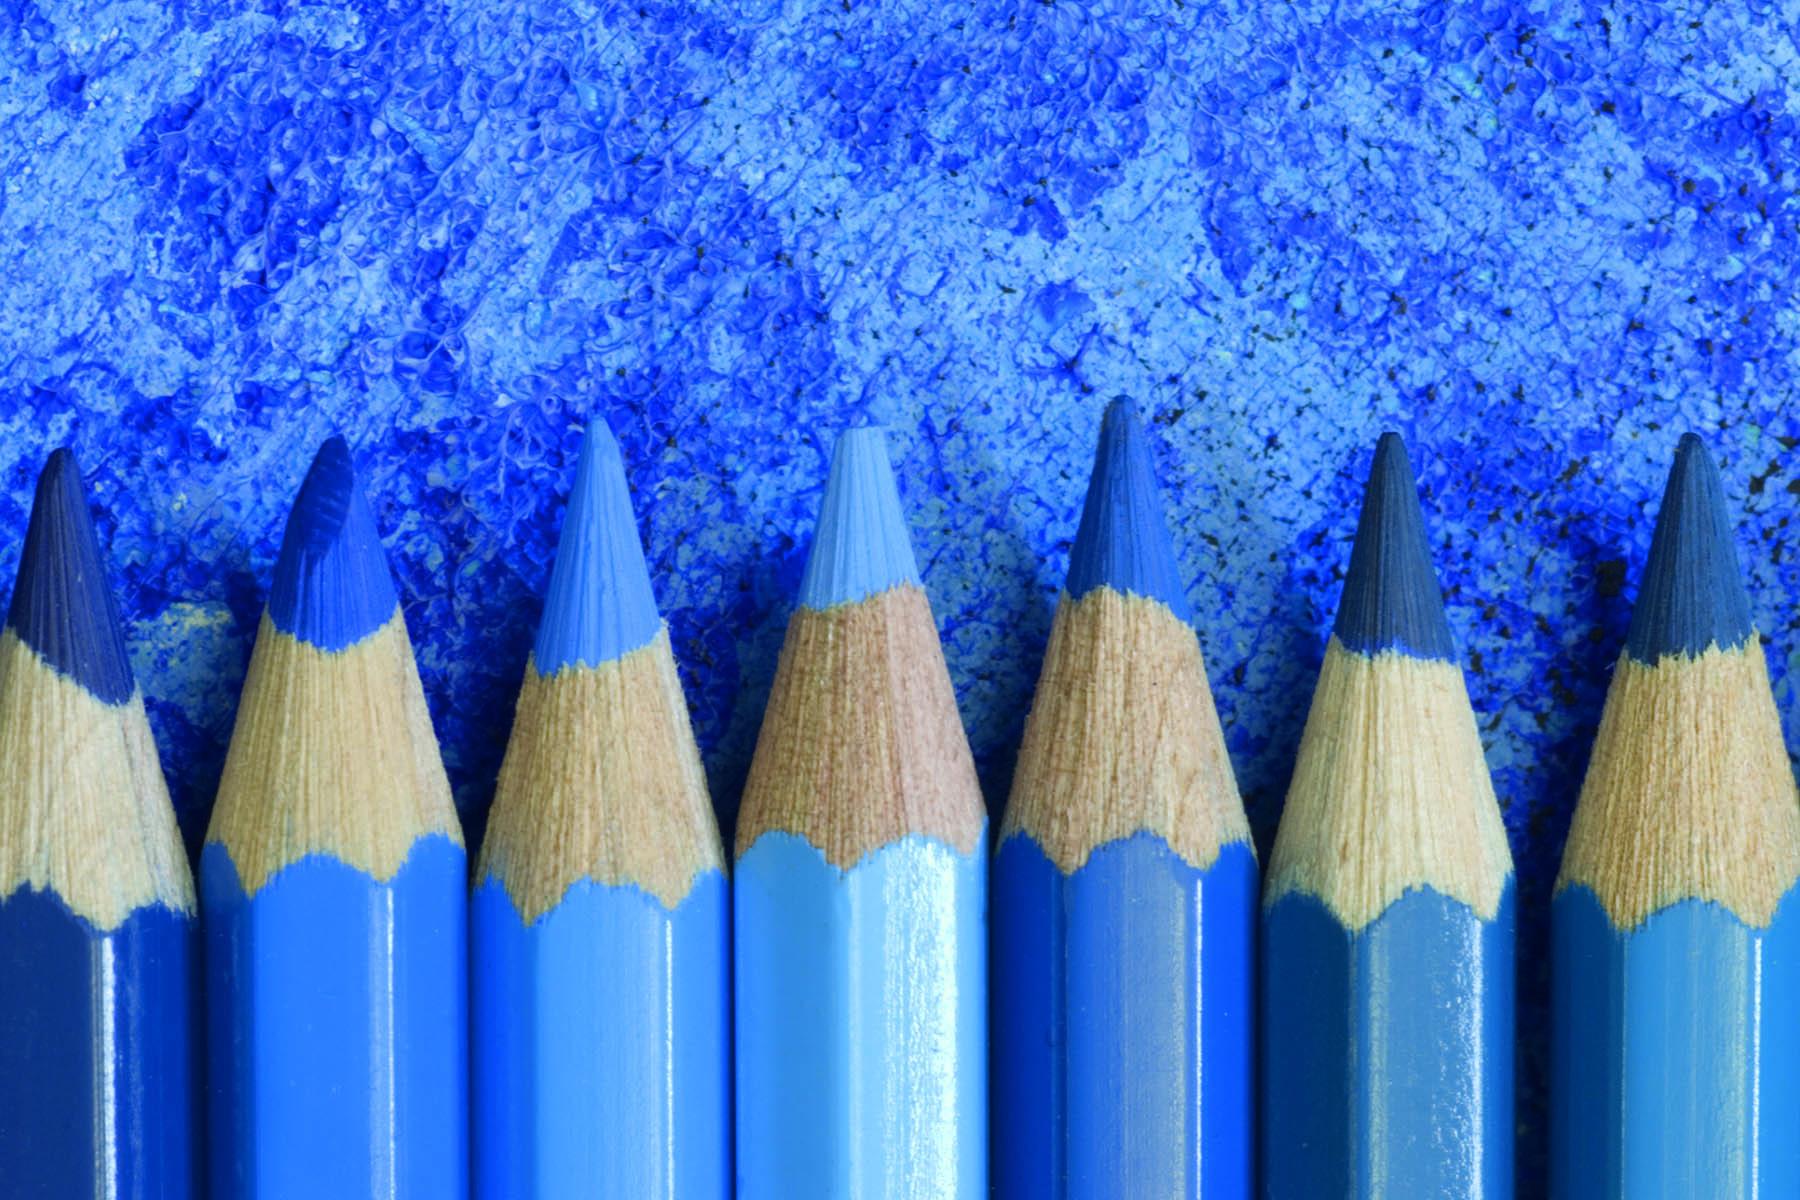 Blå blyertspennor ligger på rad med spetsarna uppåt